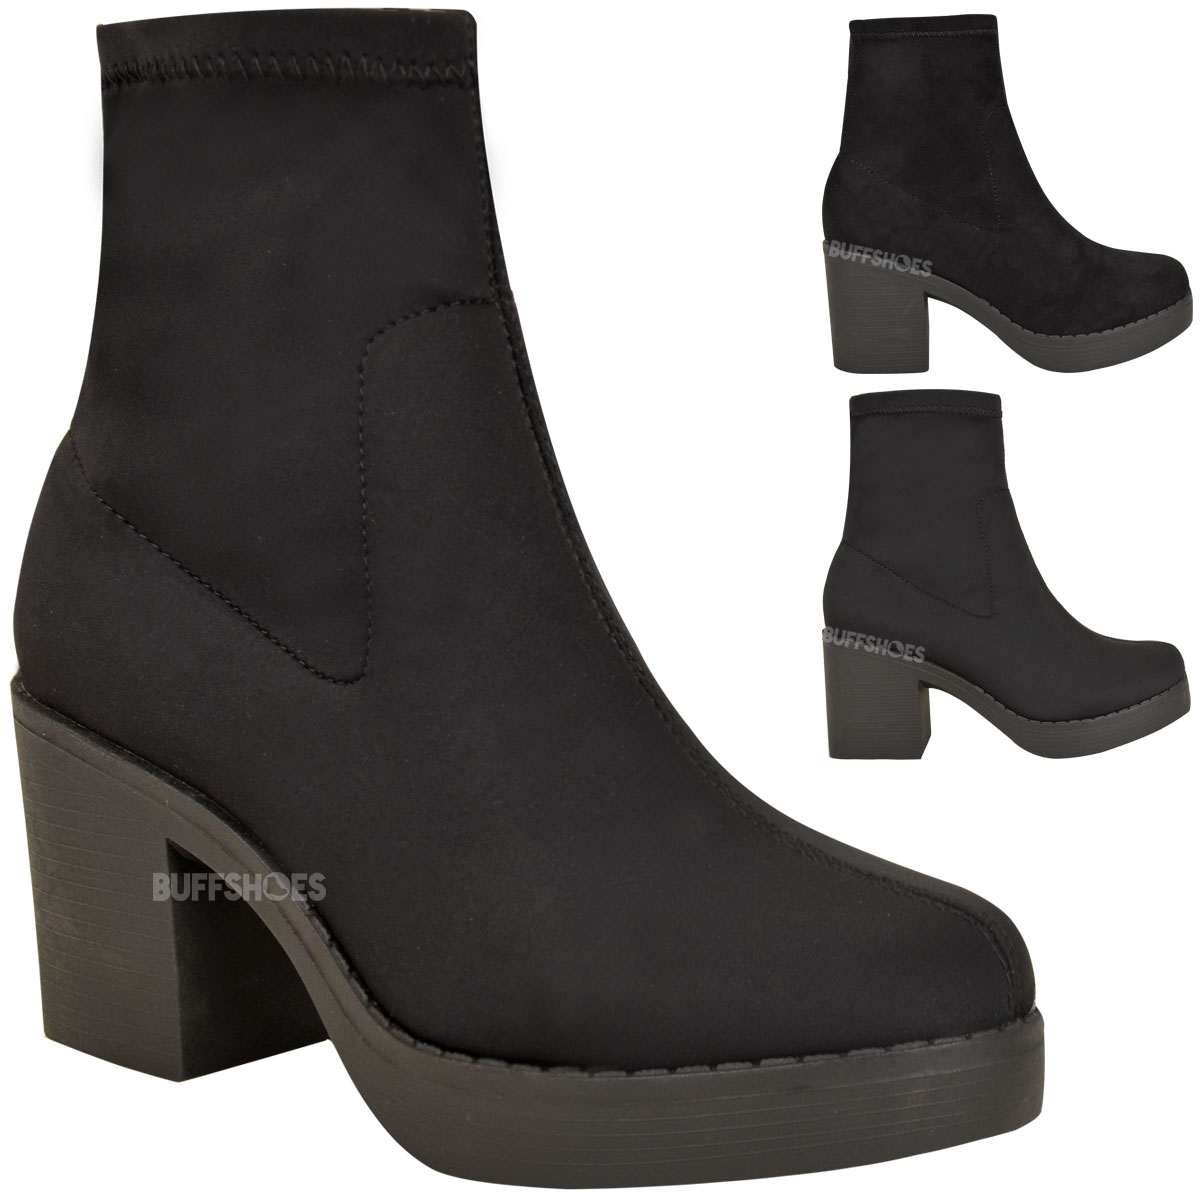 22dced7d9c7 Heels - Js Heel - Part 899